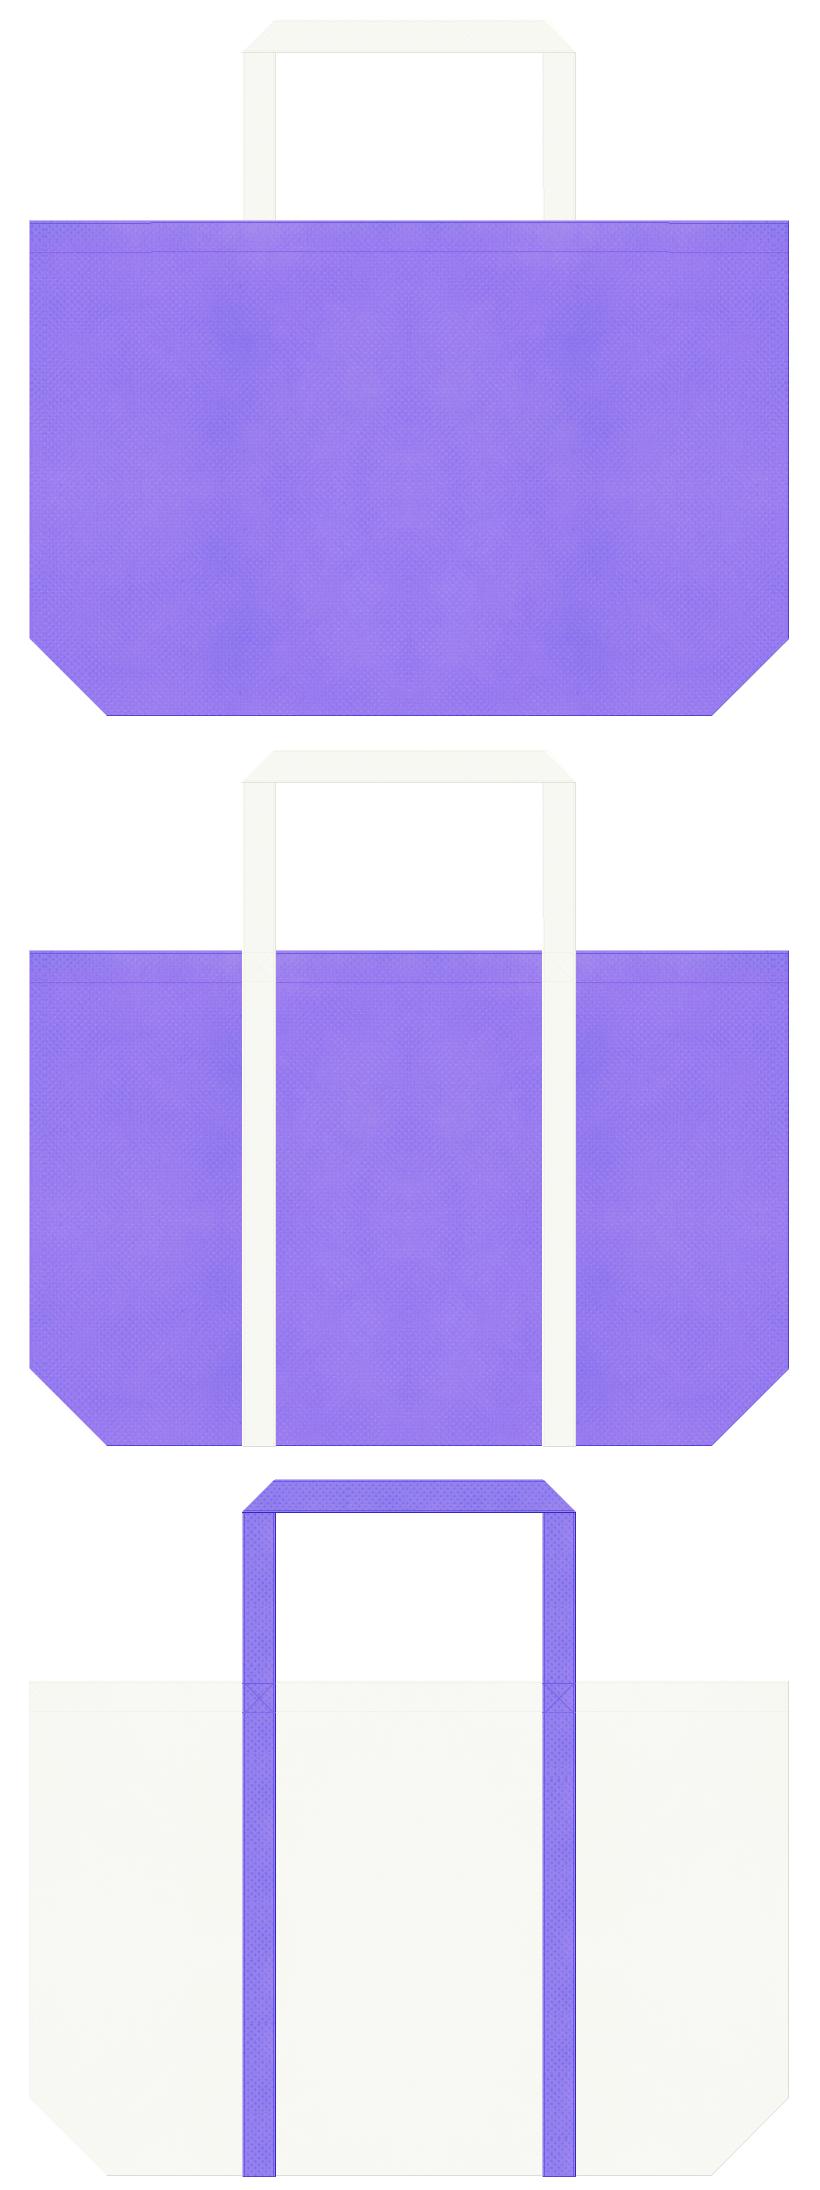 薄紫色とオフホワイト色の不織布ショッピングバッグデザイン。医療・楽団ユニフォーム・バレエ衣装のショッピングバッグにお奨めです。